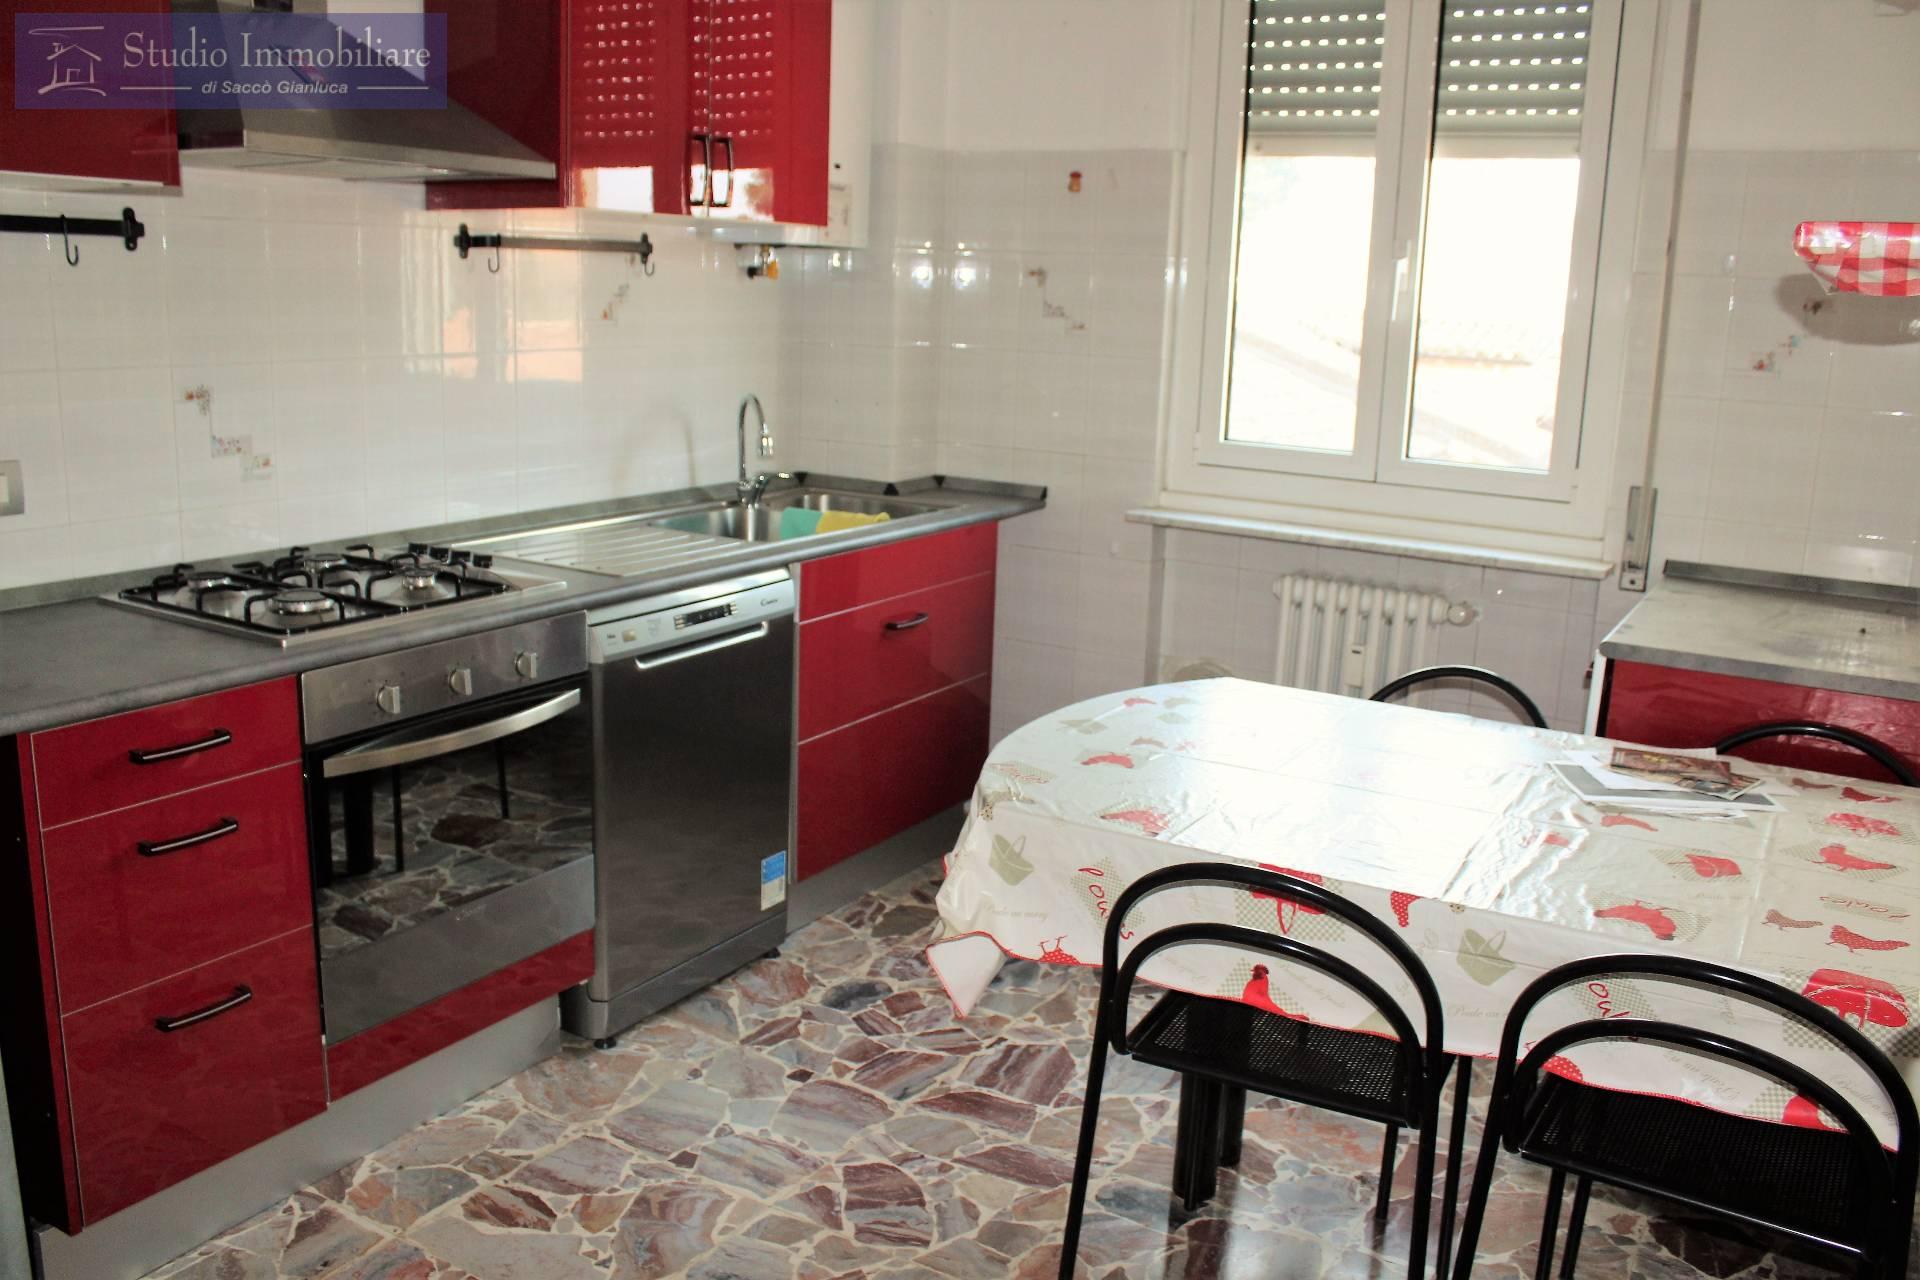 Appartamento in vendita a Cava Manara, 3 locali, prezzo € 89.000 | CambioCasa.it